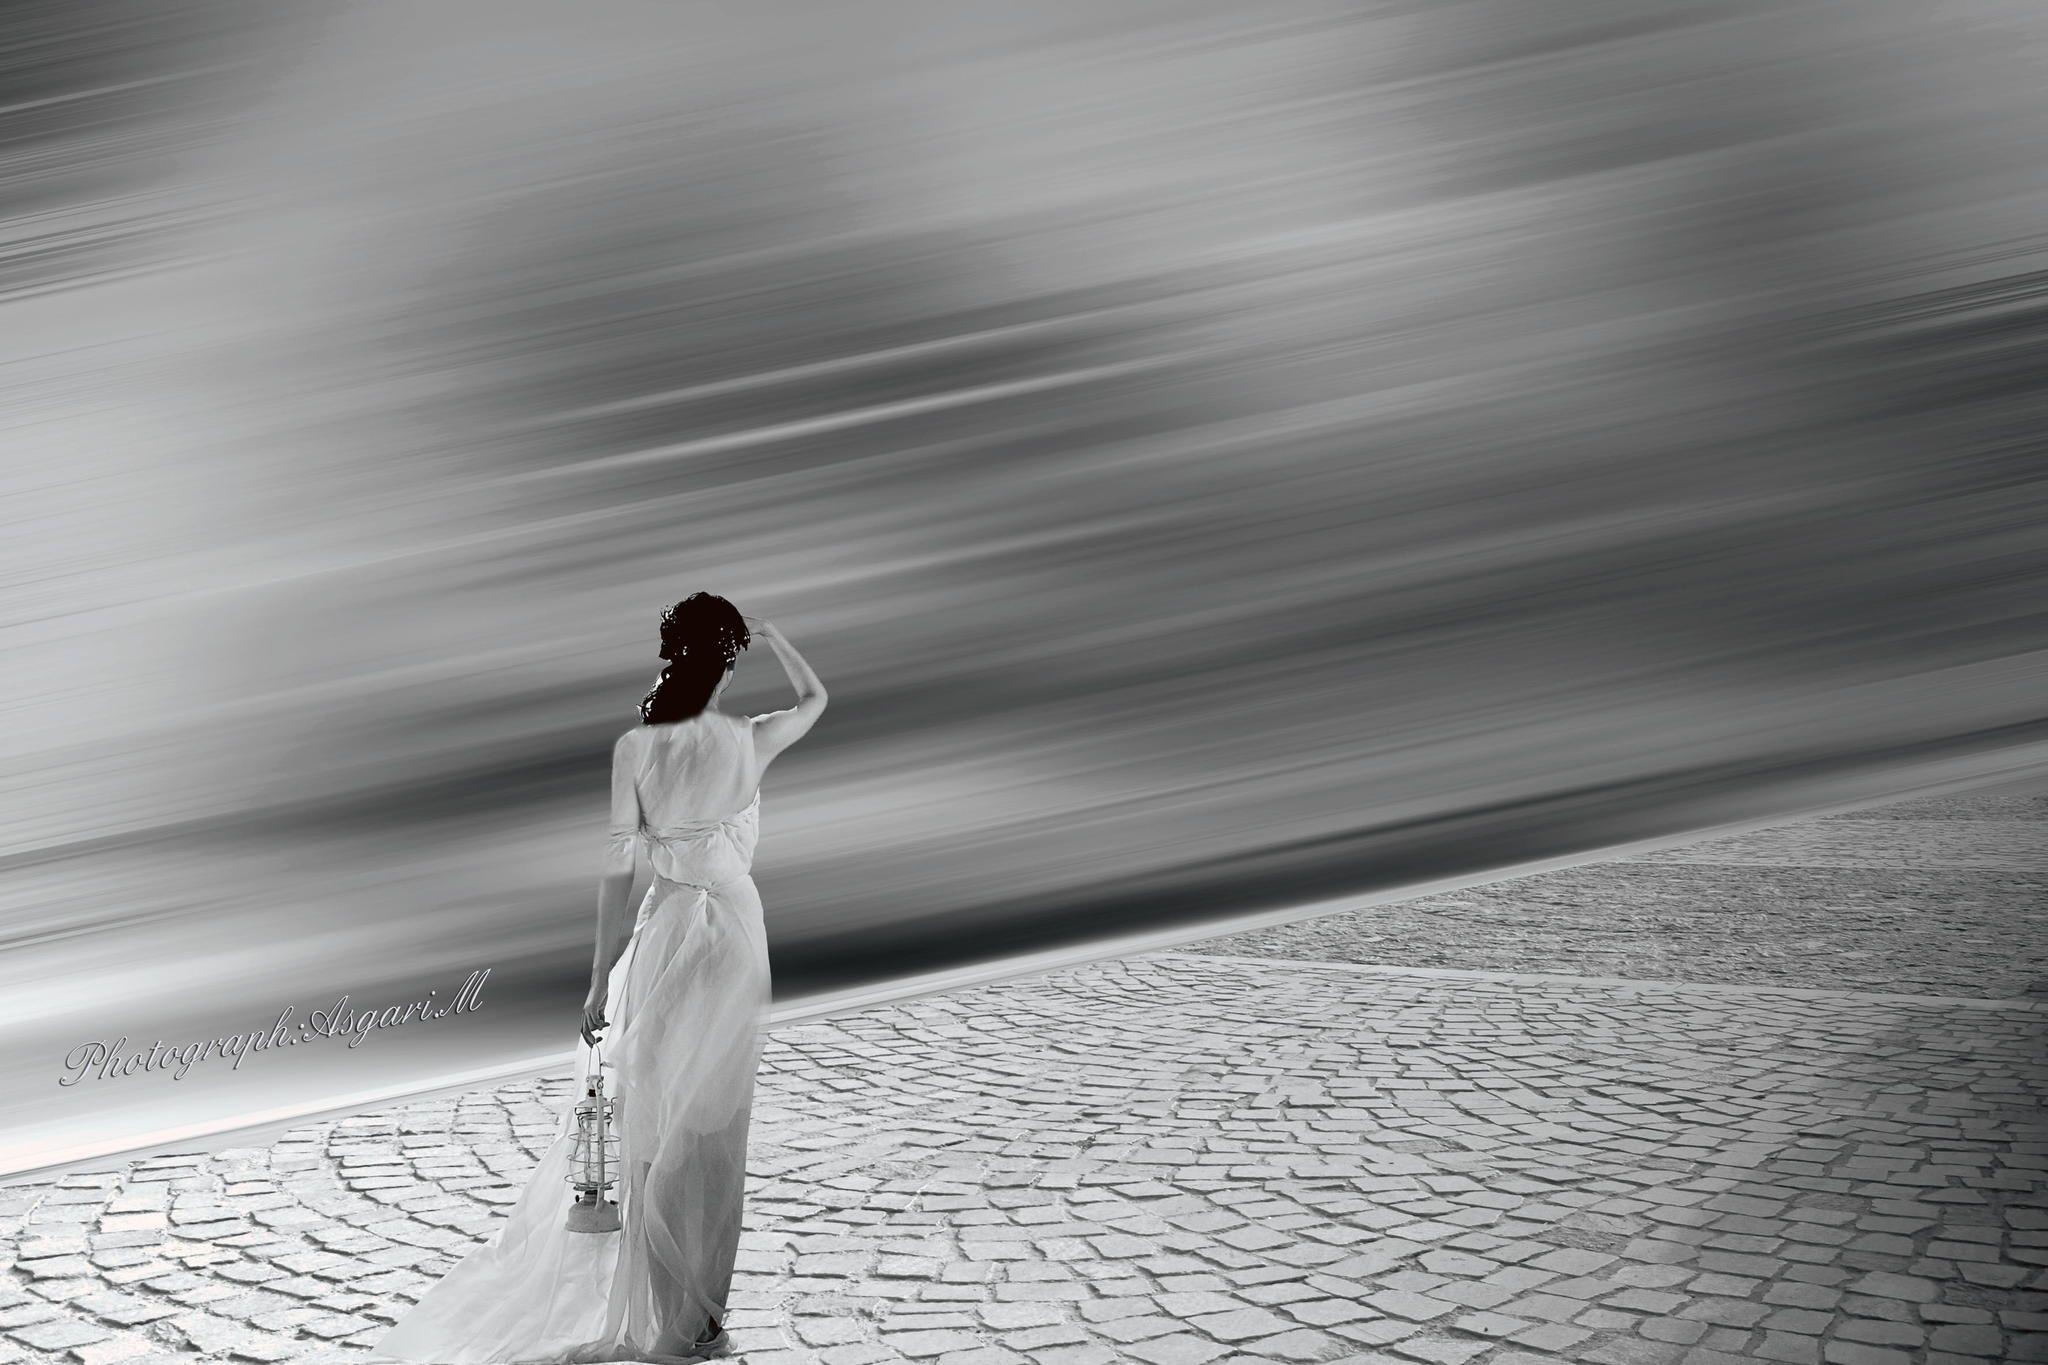 Mirage - Mirrage.... Abstract Iran 2014Mahdi Asgari